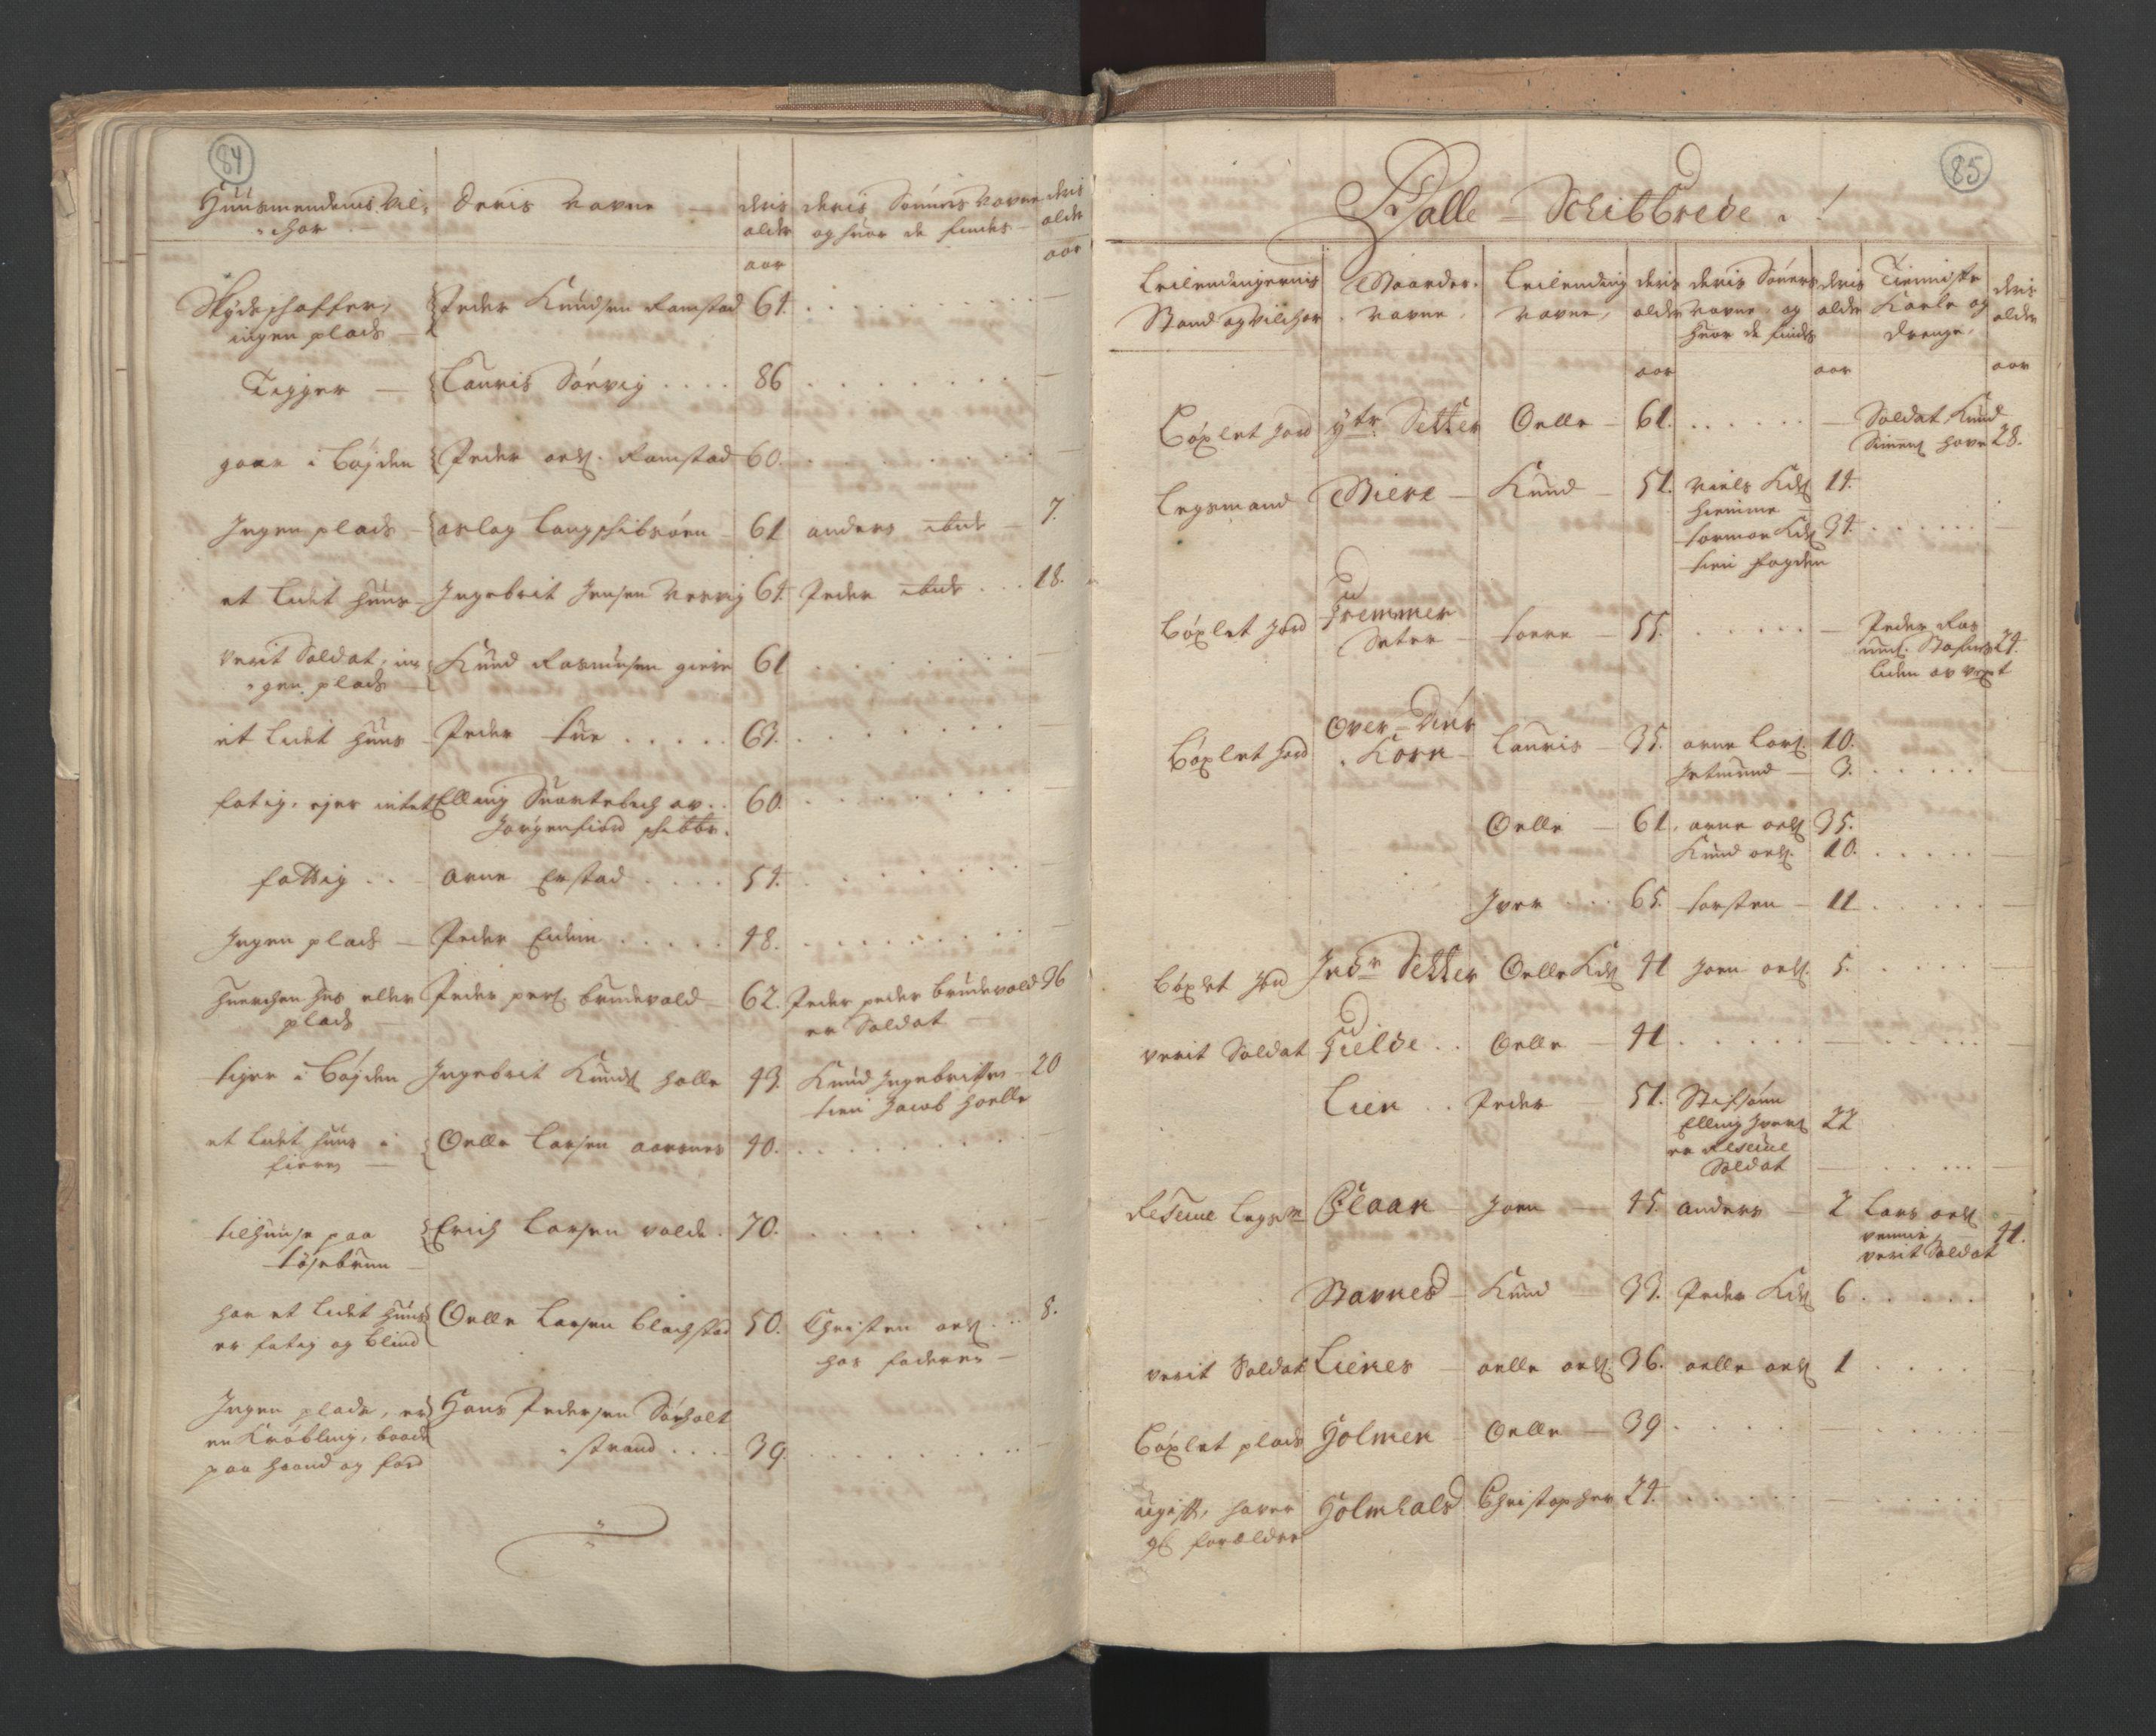 RA, Manntallet 1701, nr. 10: Sunnmøre fogderi, 1701, s. 84-85